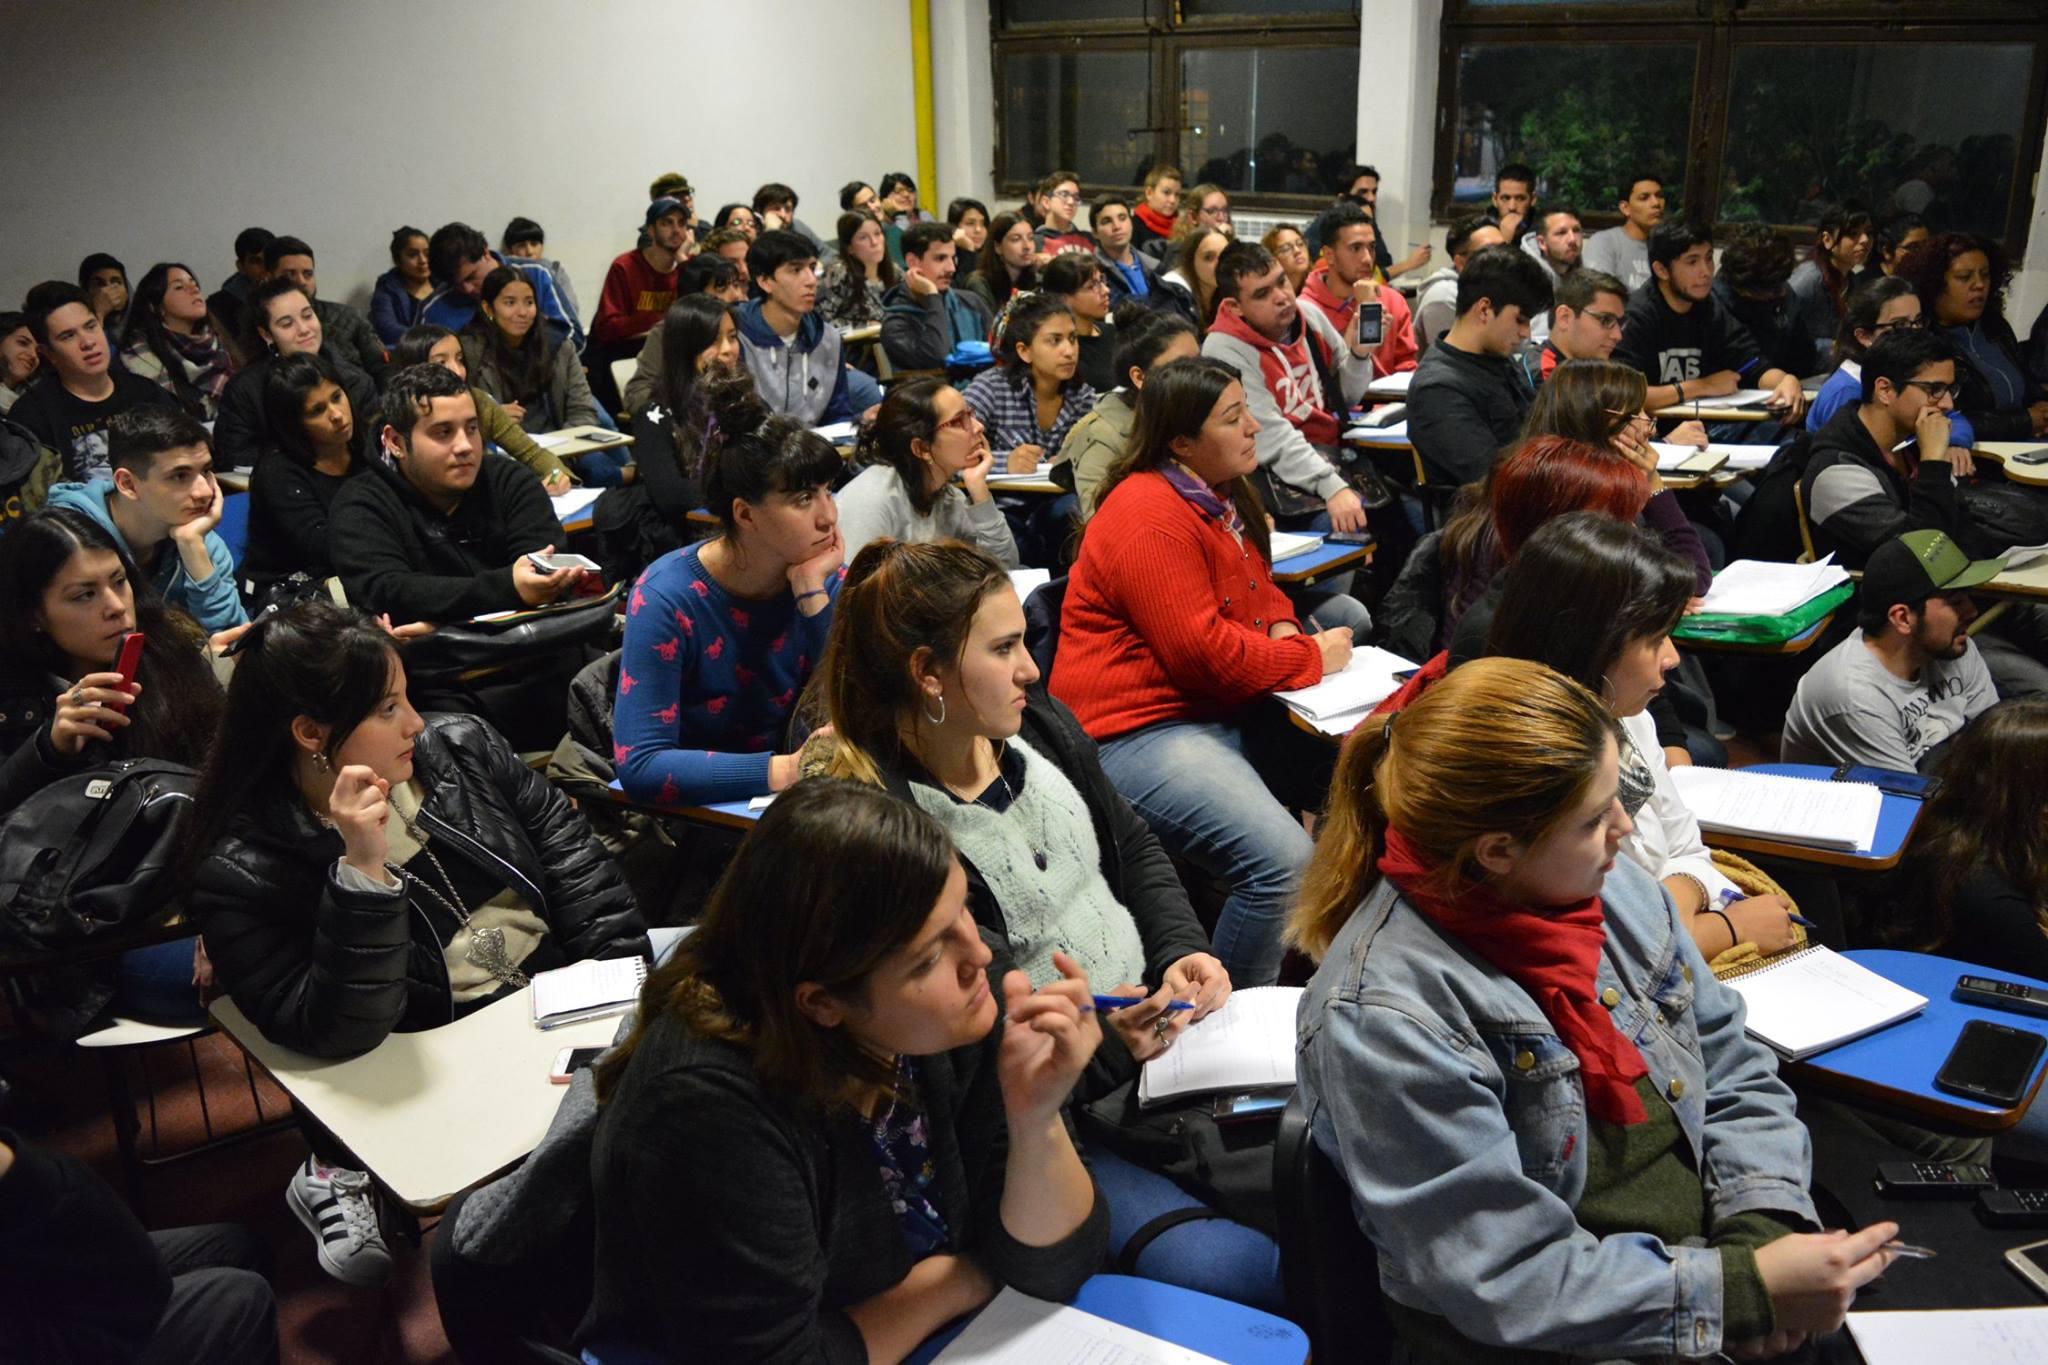 #Orgullosamente Conurbana: el amor de lxs chicxs de la UNLZ por su universidad